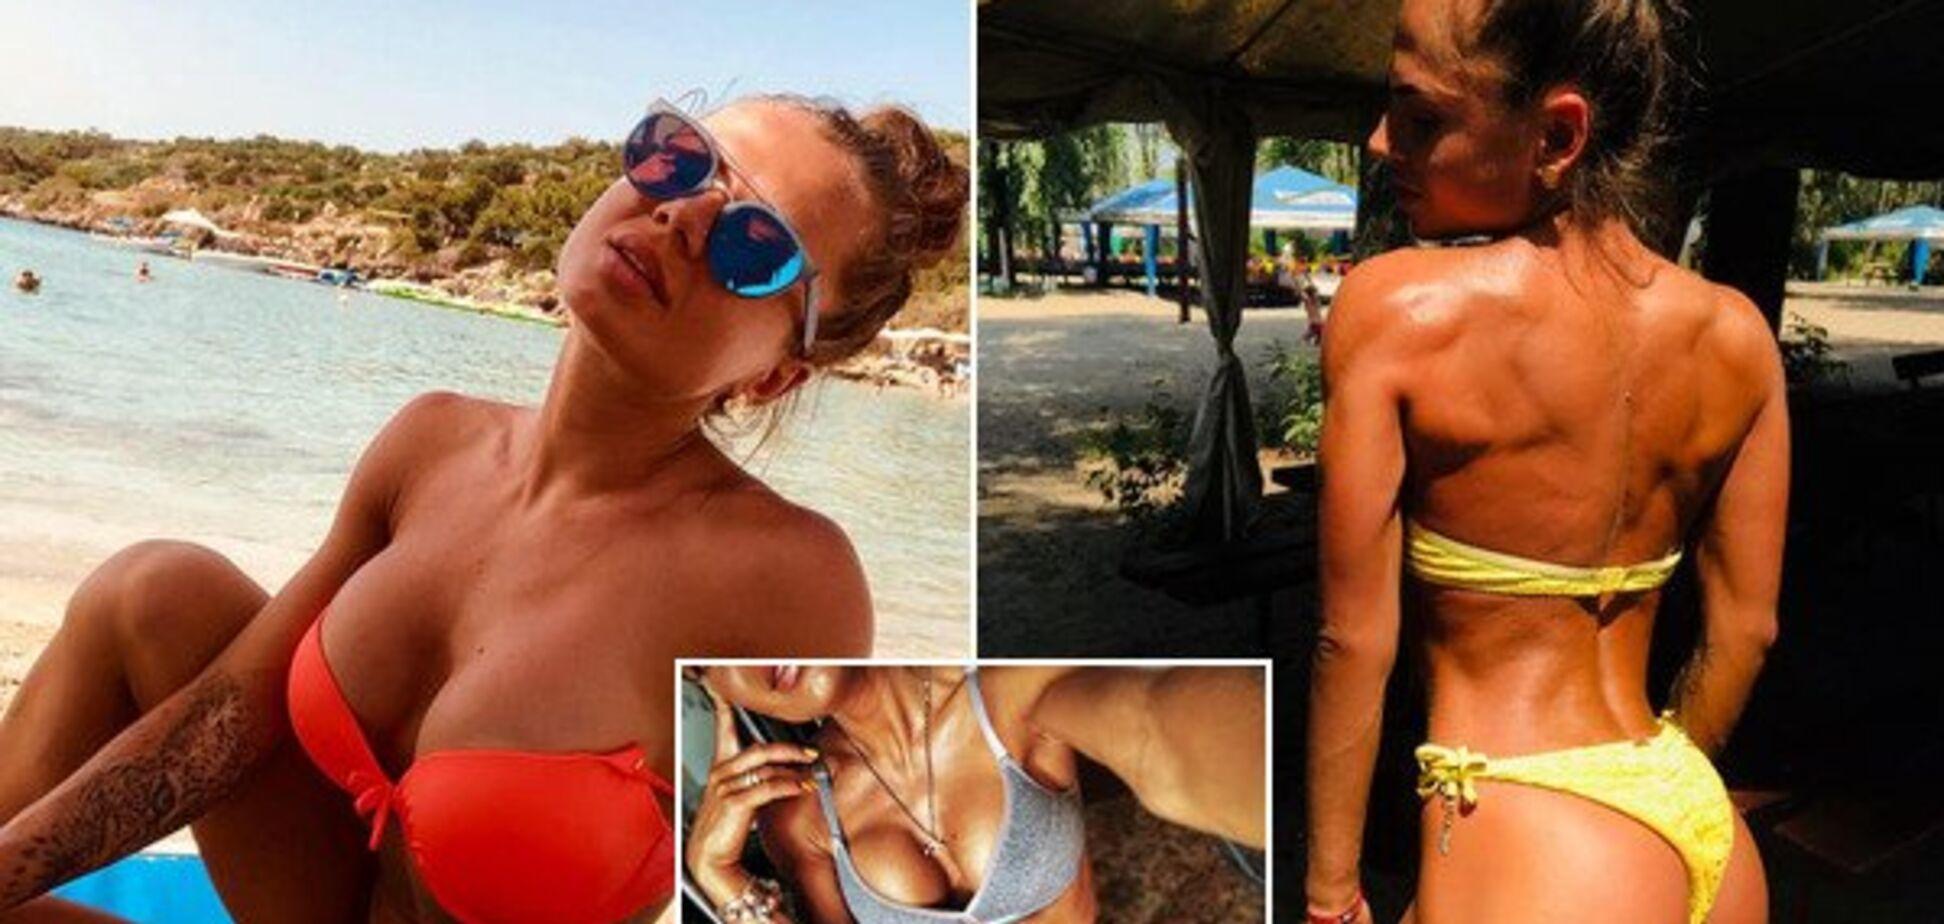 Украинская чемпионка разделась и роскошными формами произвела фурор в сети